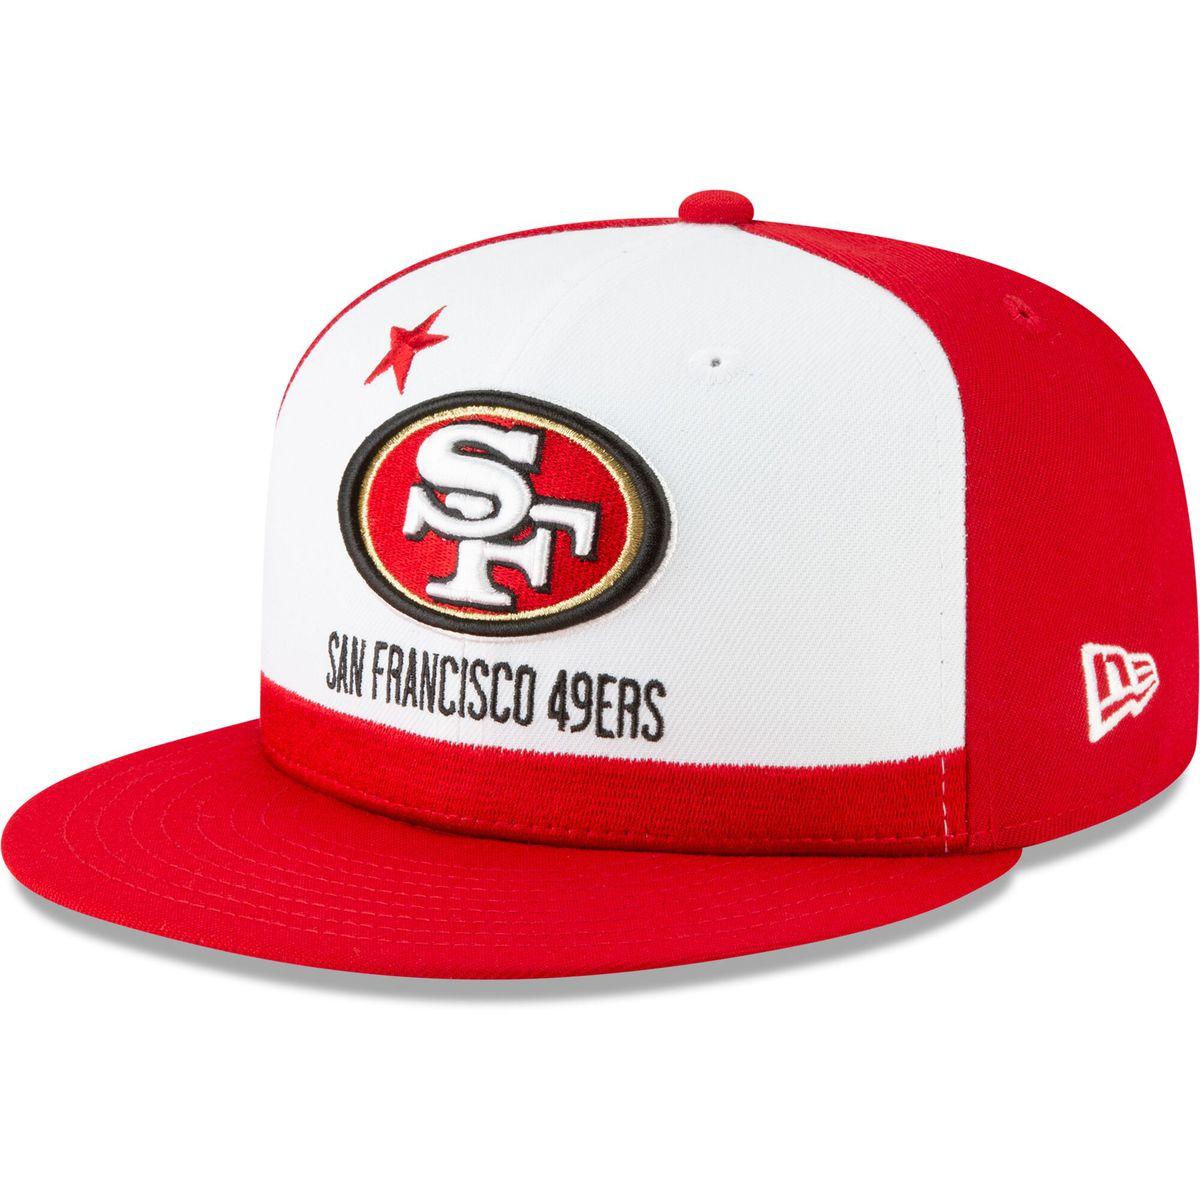 b34570ef07d885 NFL Draft: 49ers NFL Draft hats have arrived! - Niners Nation